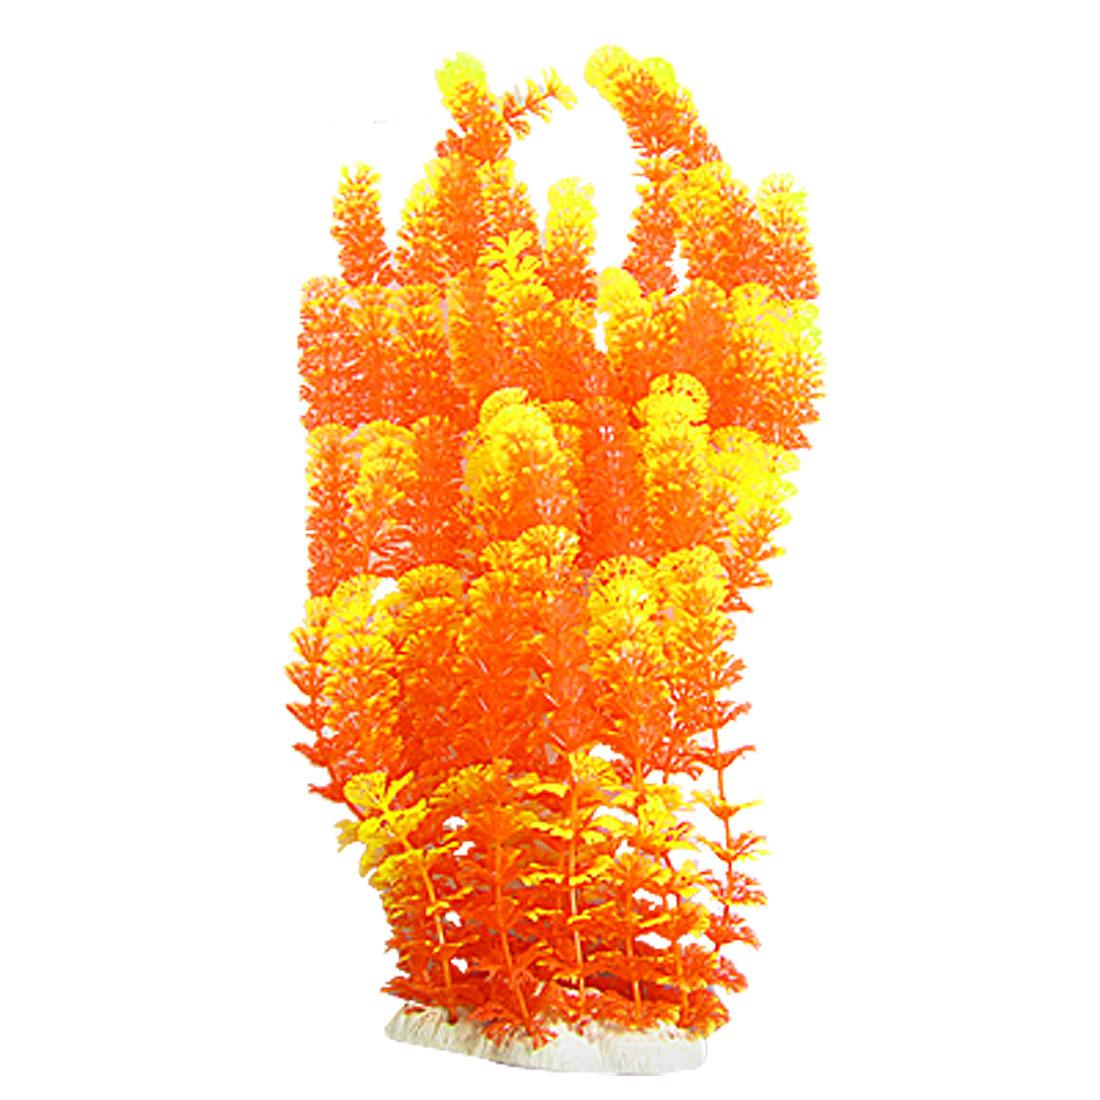 Aquarium Snowflake Shaped Leaf Long Plastic Plants Yellow Orange